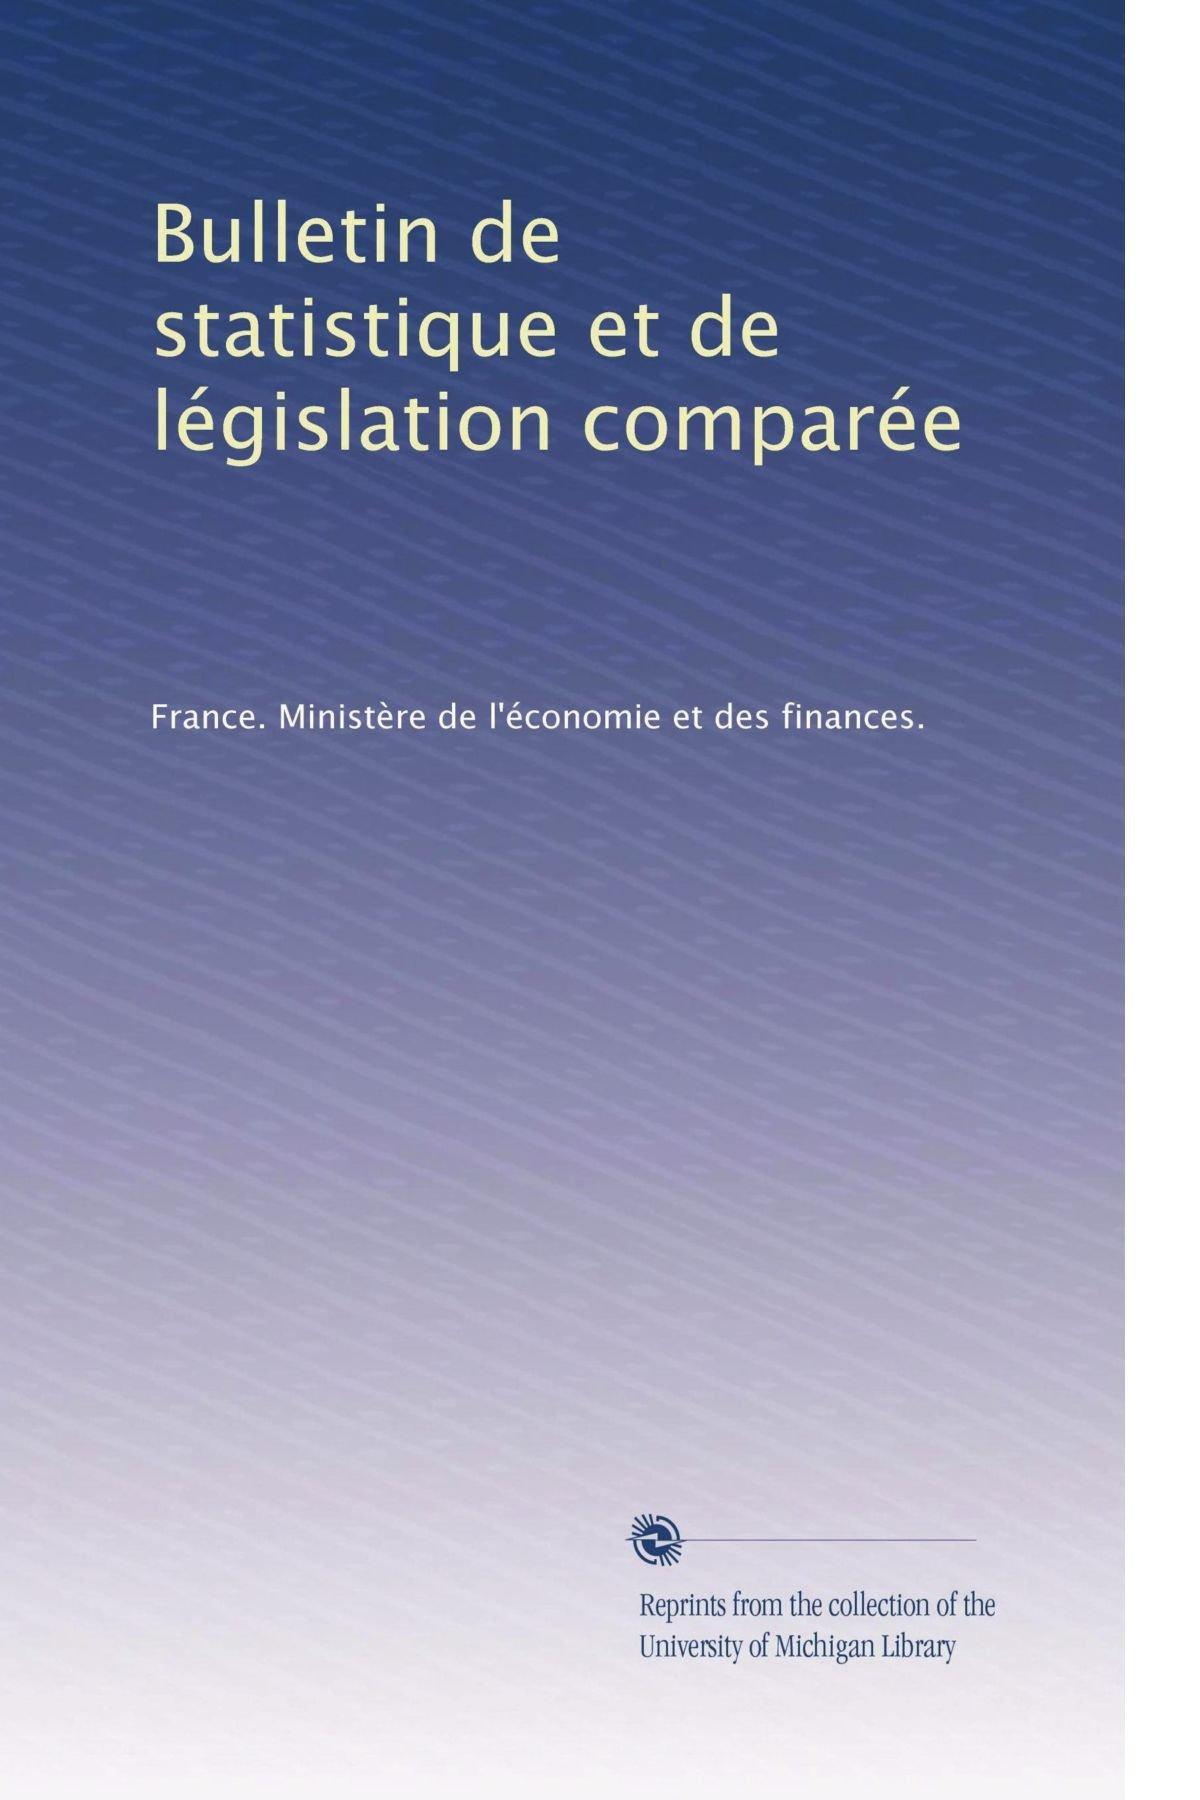 Download Bulletin de statistique et de législation comparée (Volume 31) (French Edition) ebook